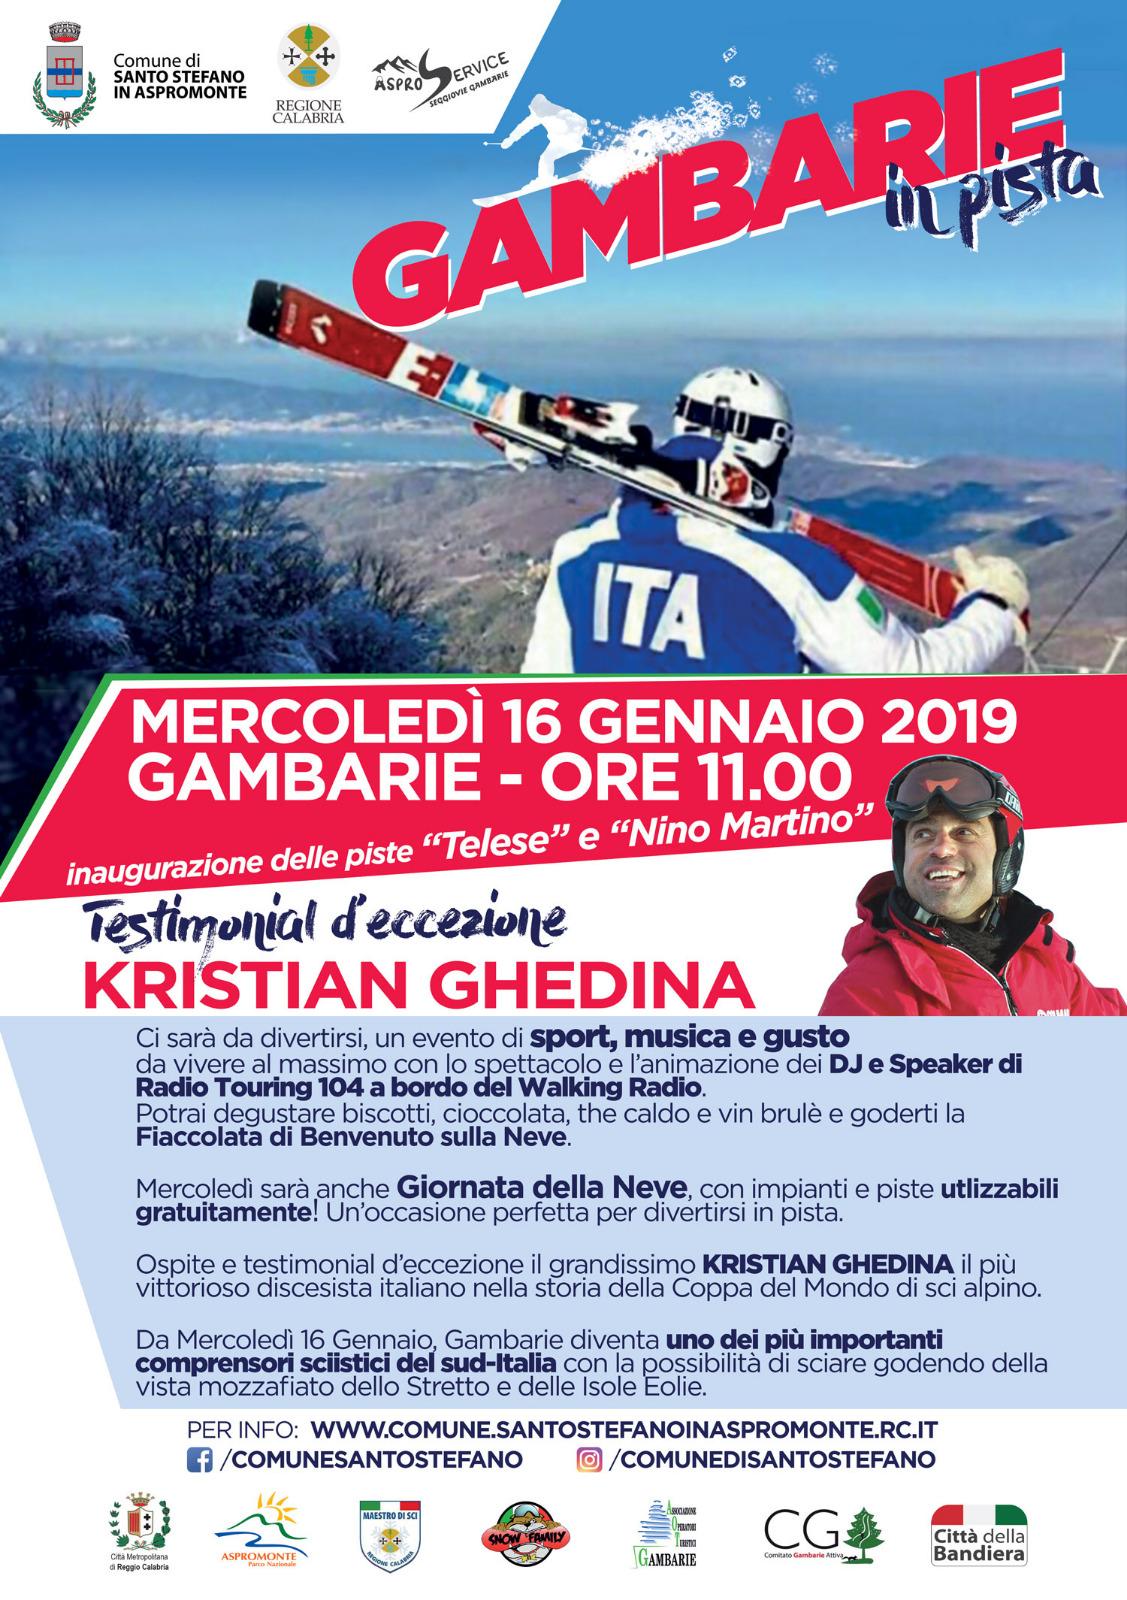 Gambarie in pista mercoledi 16 gennaio inaugurazione for Telese arredo